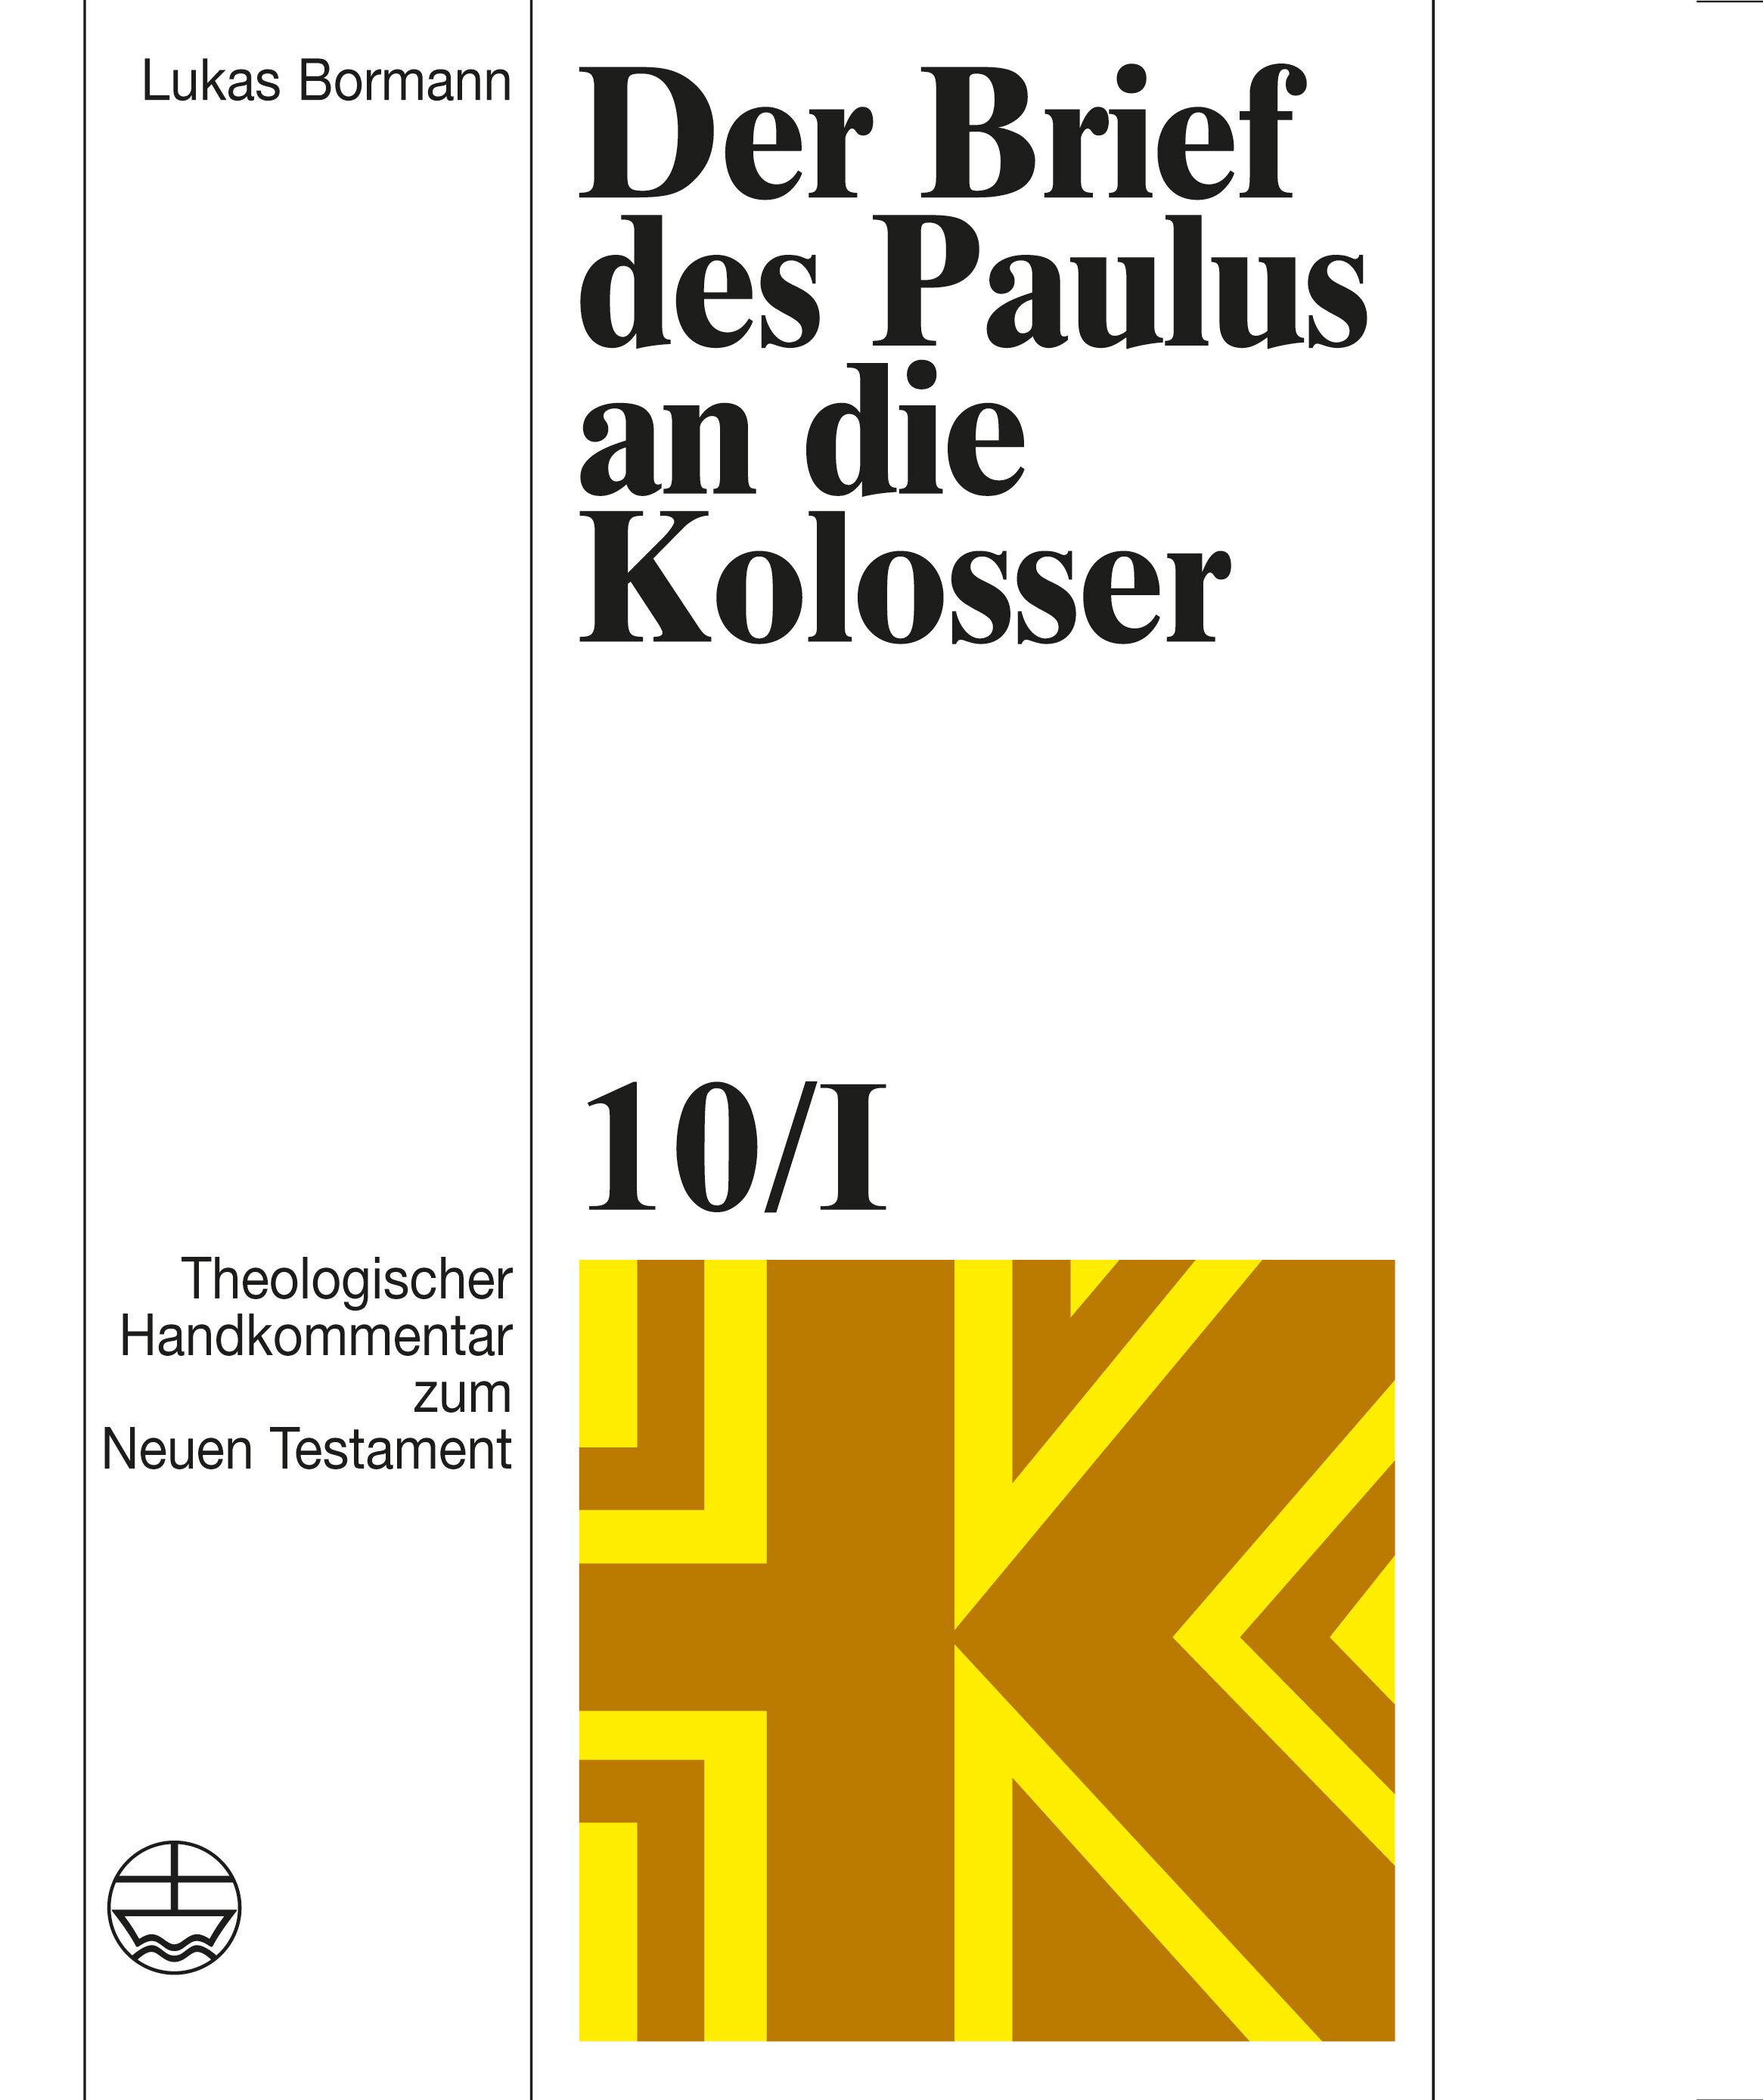 Der Brief des Paulus an die Kolosser (Theologischer Handkommentar zum Neuen Testament | ThHK)